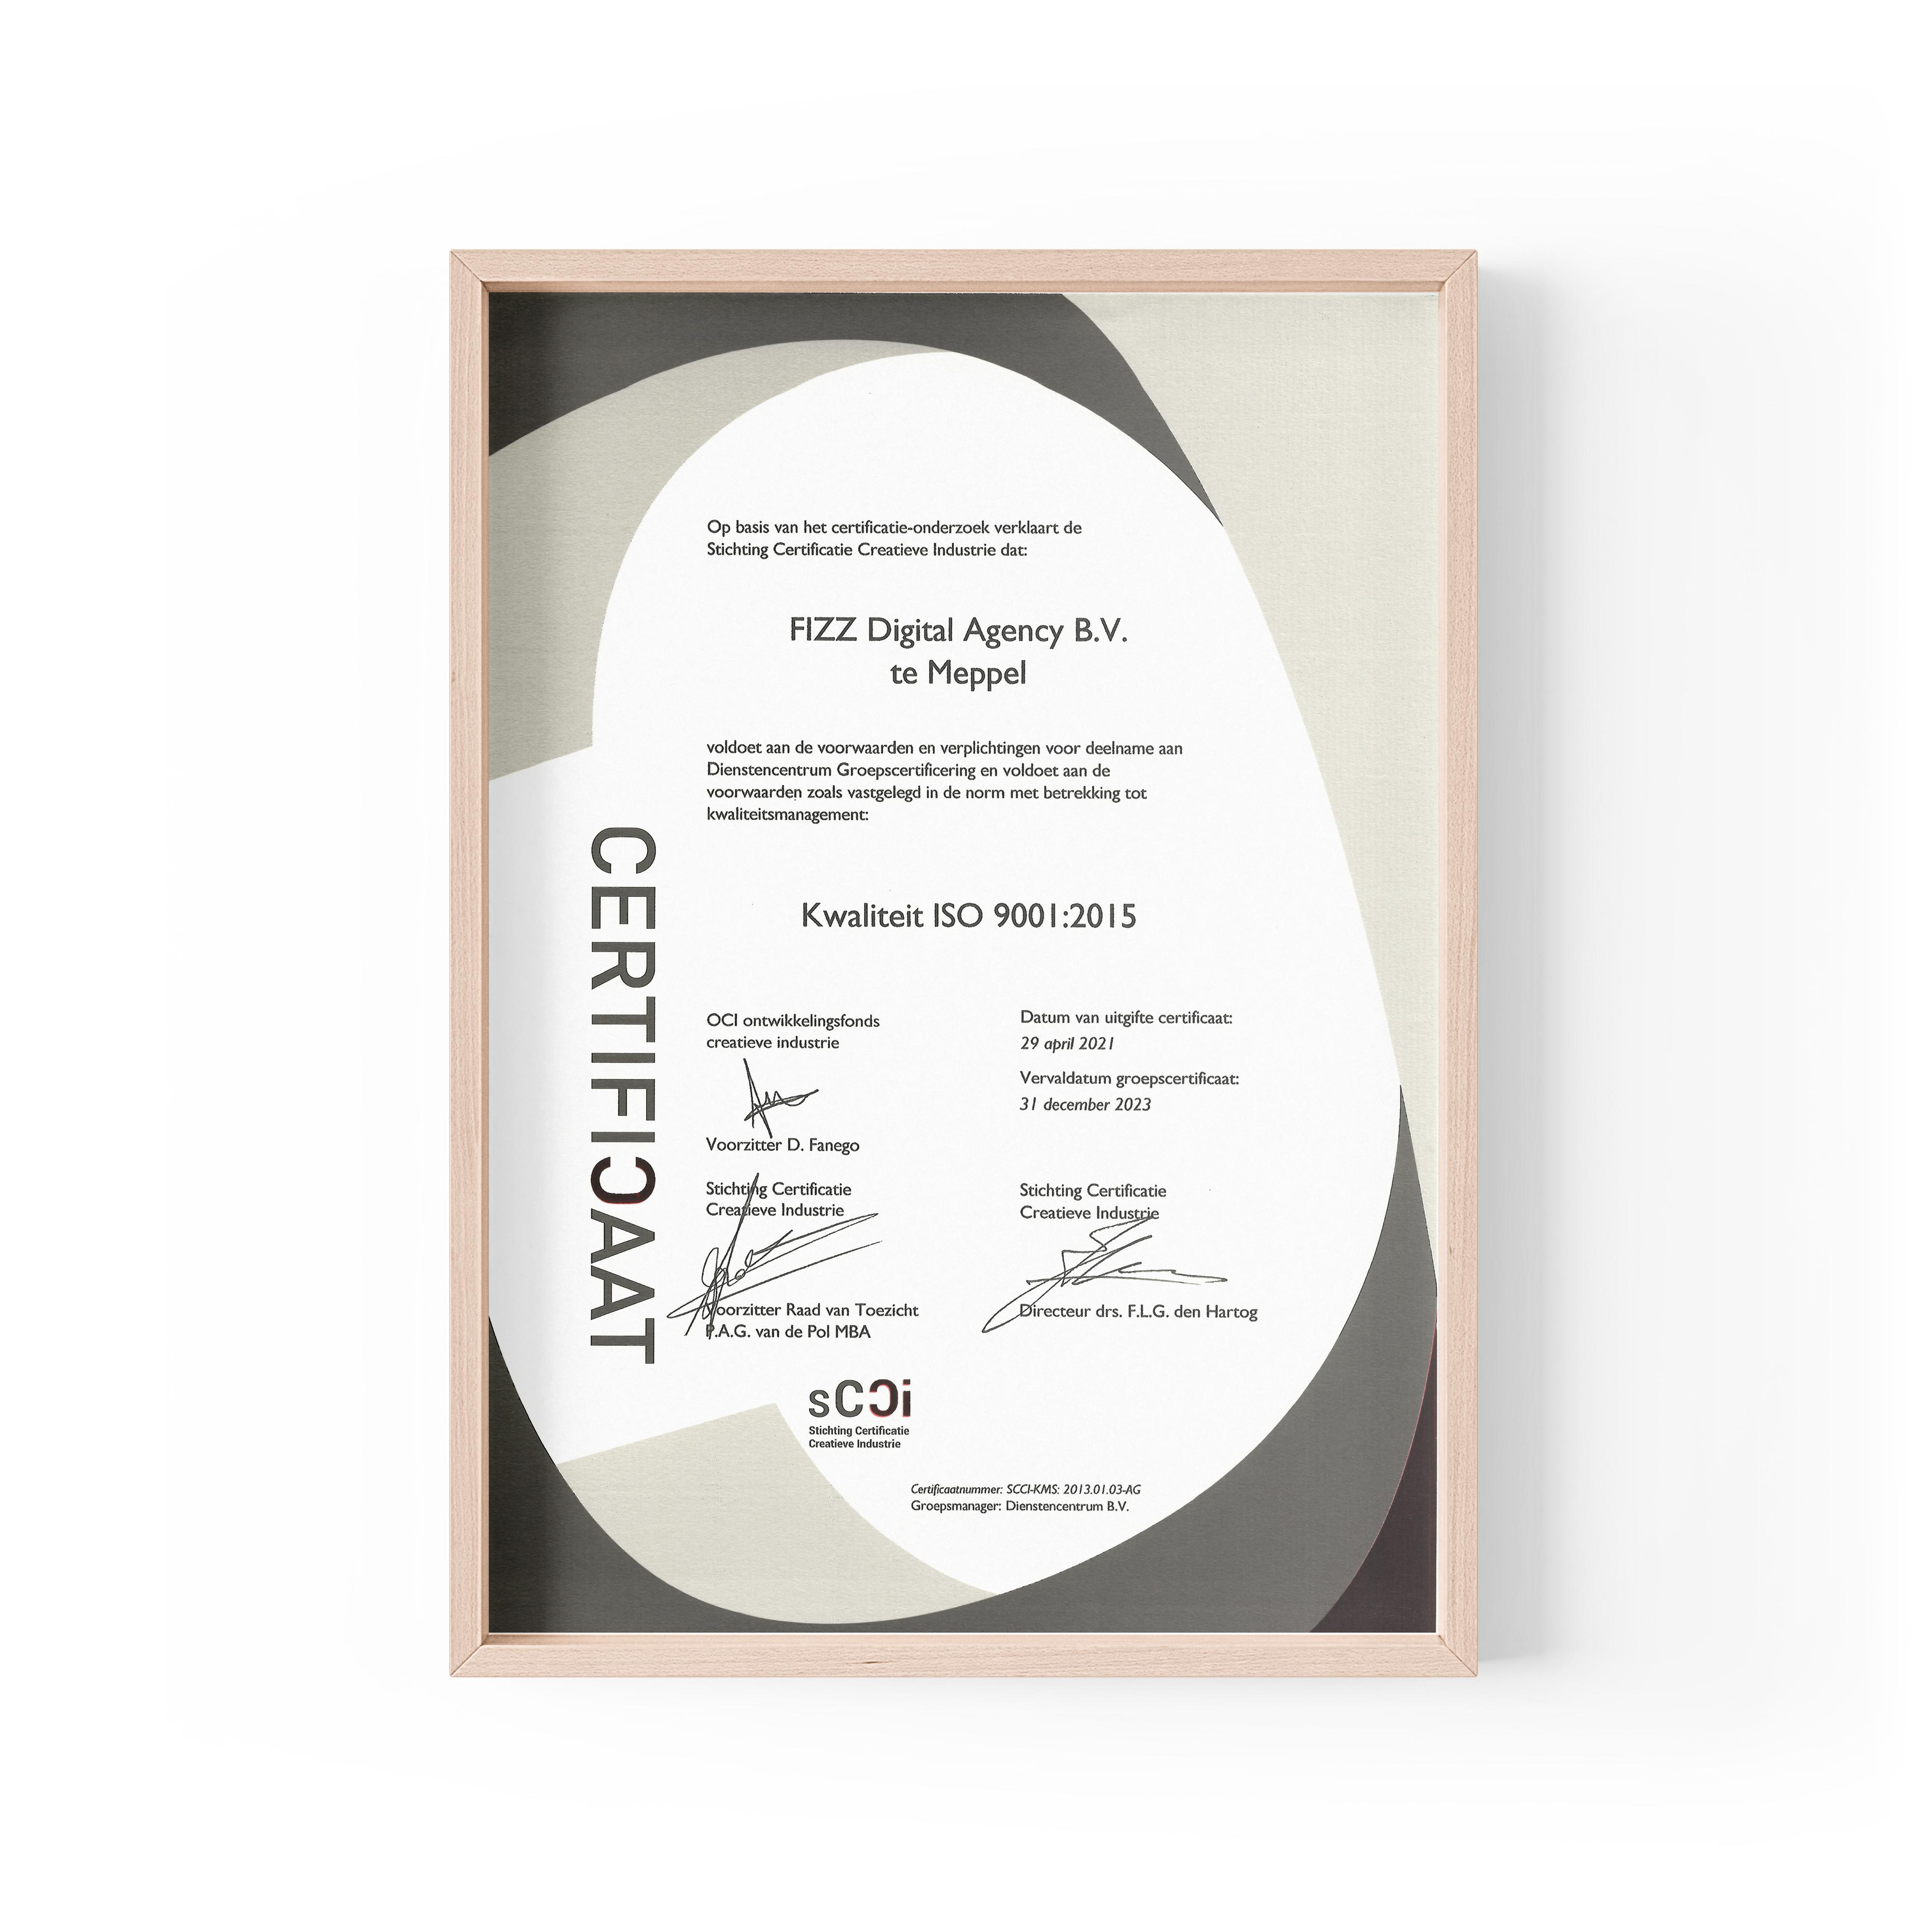 FIZZ - Certificaat